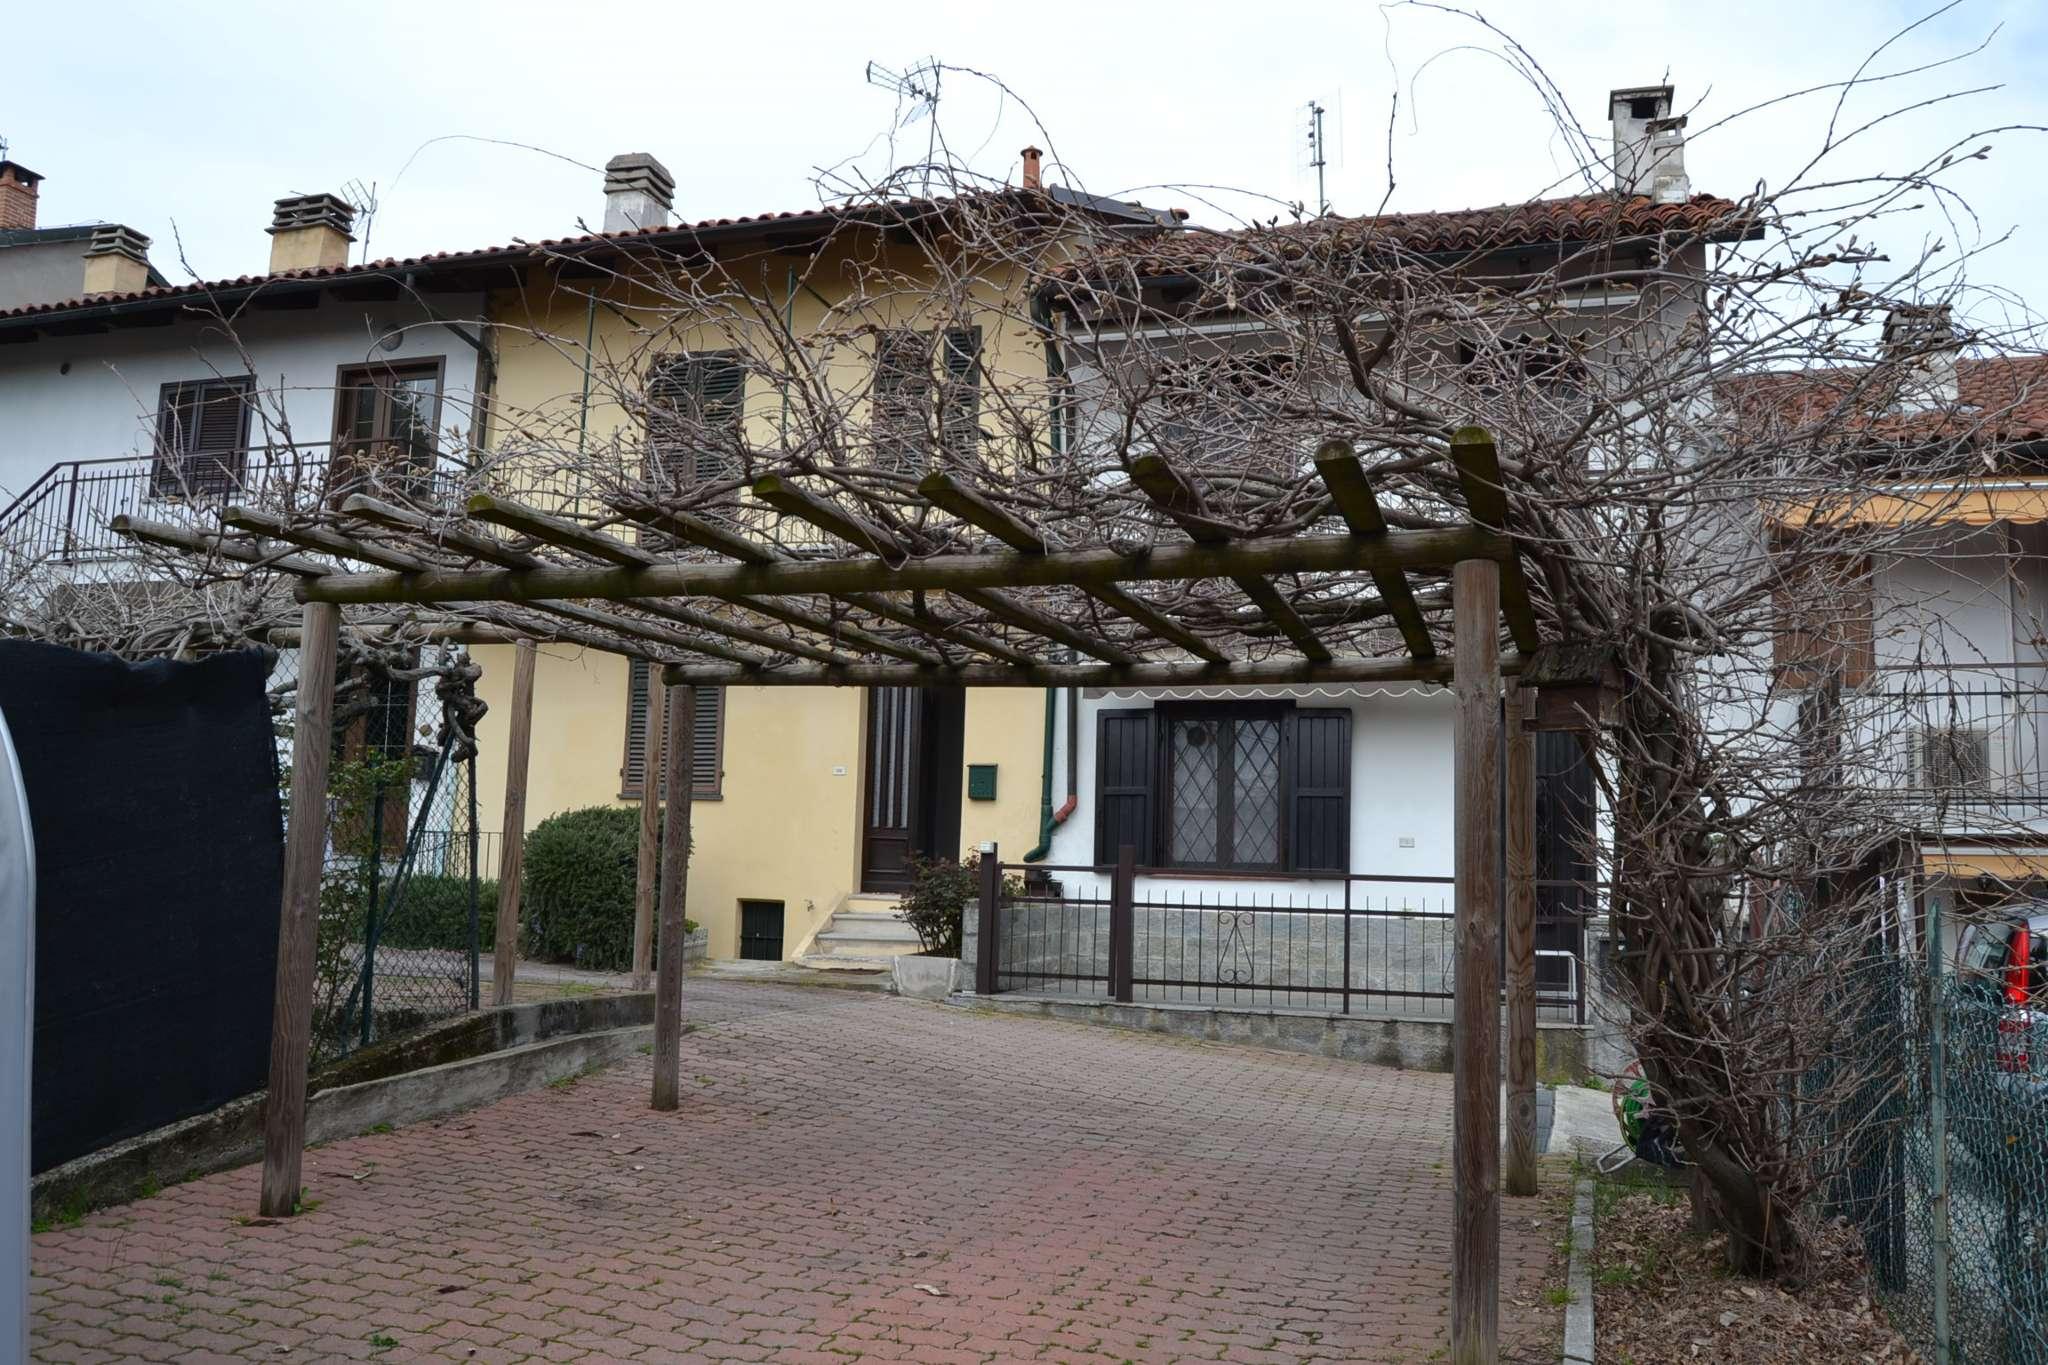 Palazzo / Stabile in vendita a Montaldo Torinese, 4 locali, prezzo € 95.000 | CambioCasa.it